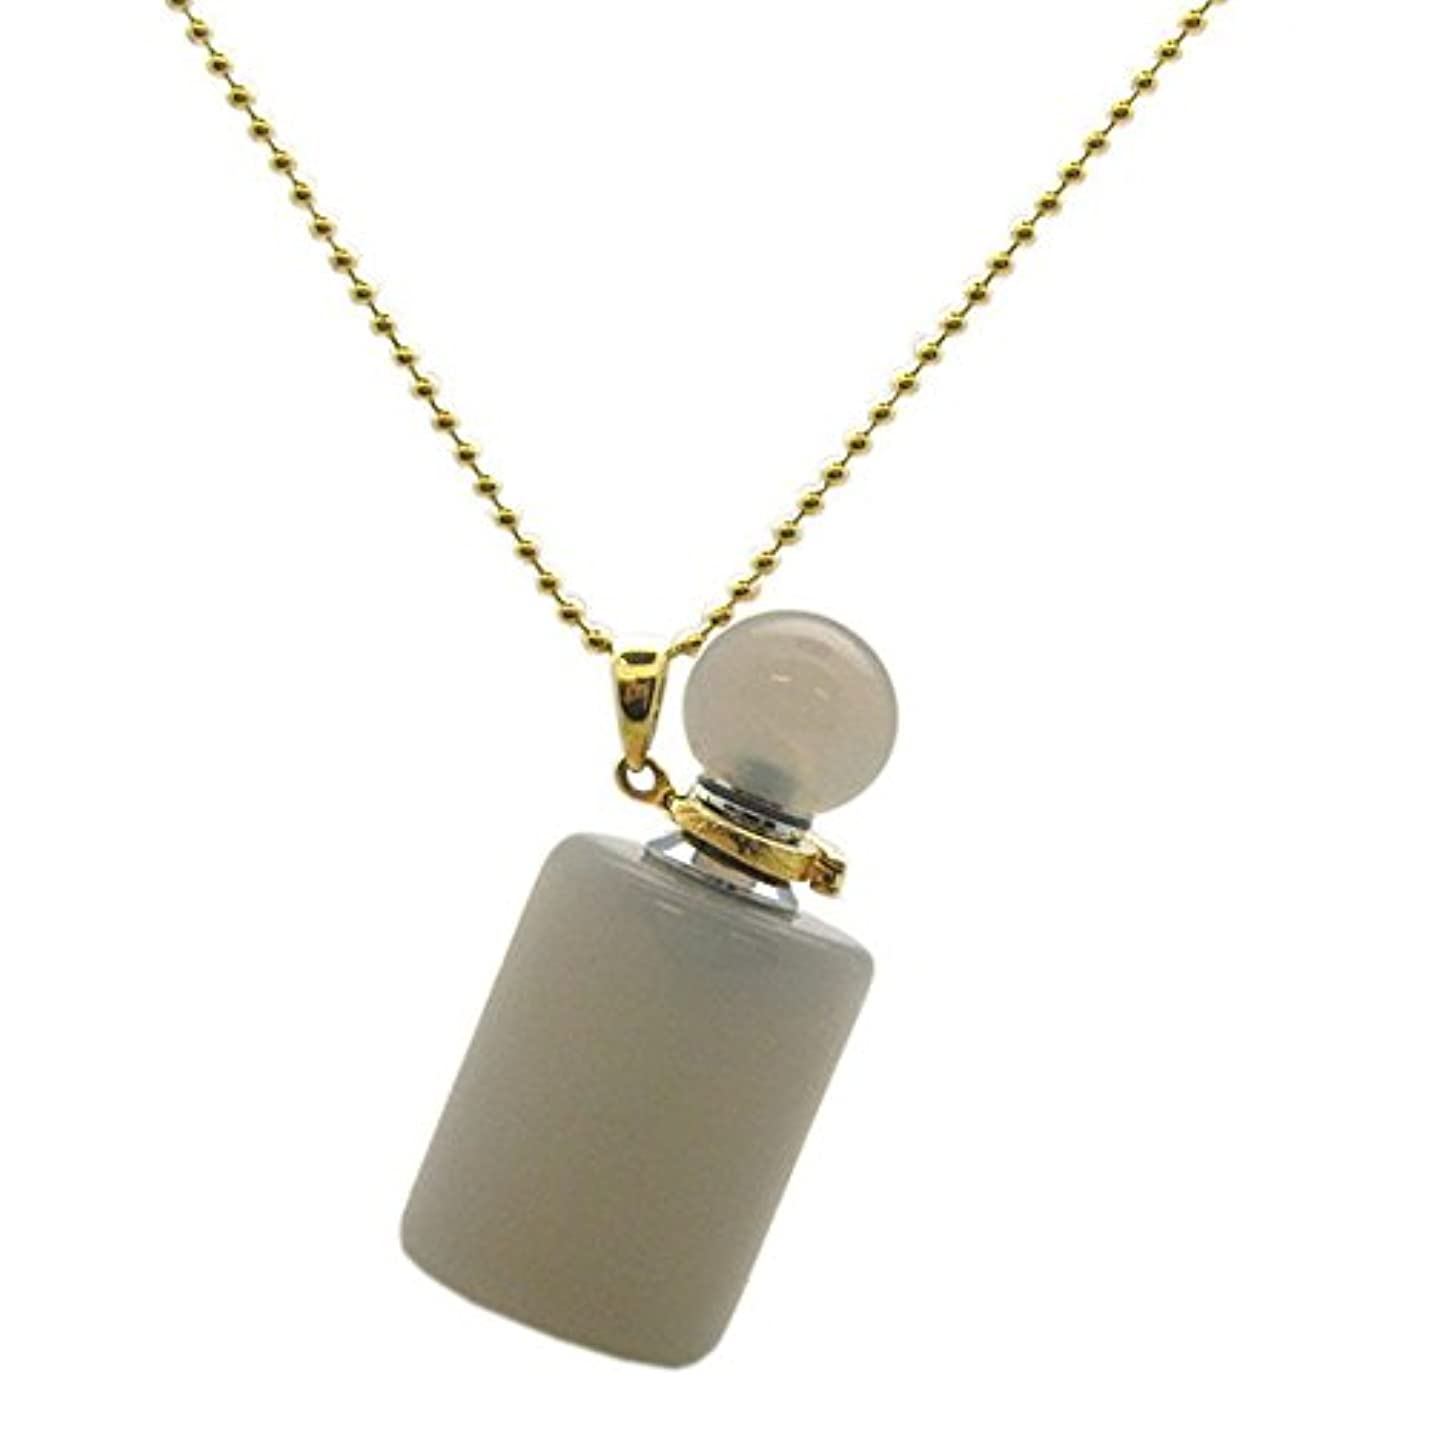 教カードポルトガル語ケイトAvenue Gold over Sterling Silver Gemstone Aromatherapy Essential Oil Diffuserネックレス、香水とMosquito Repellentネックレス...